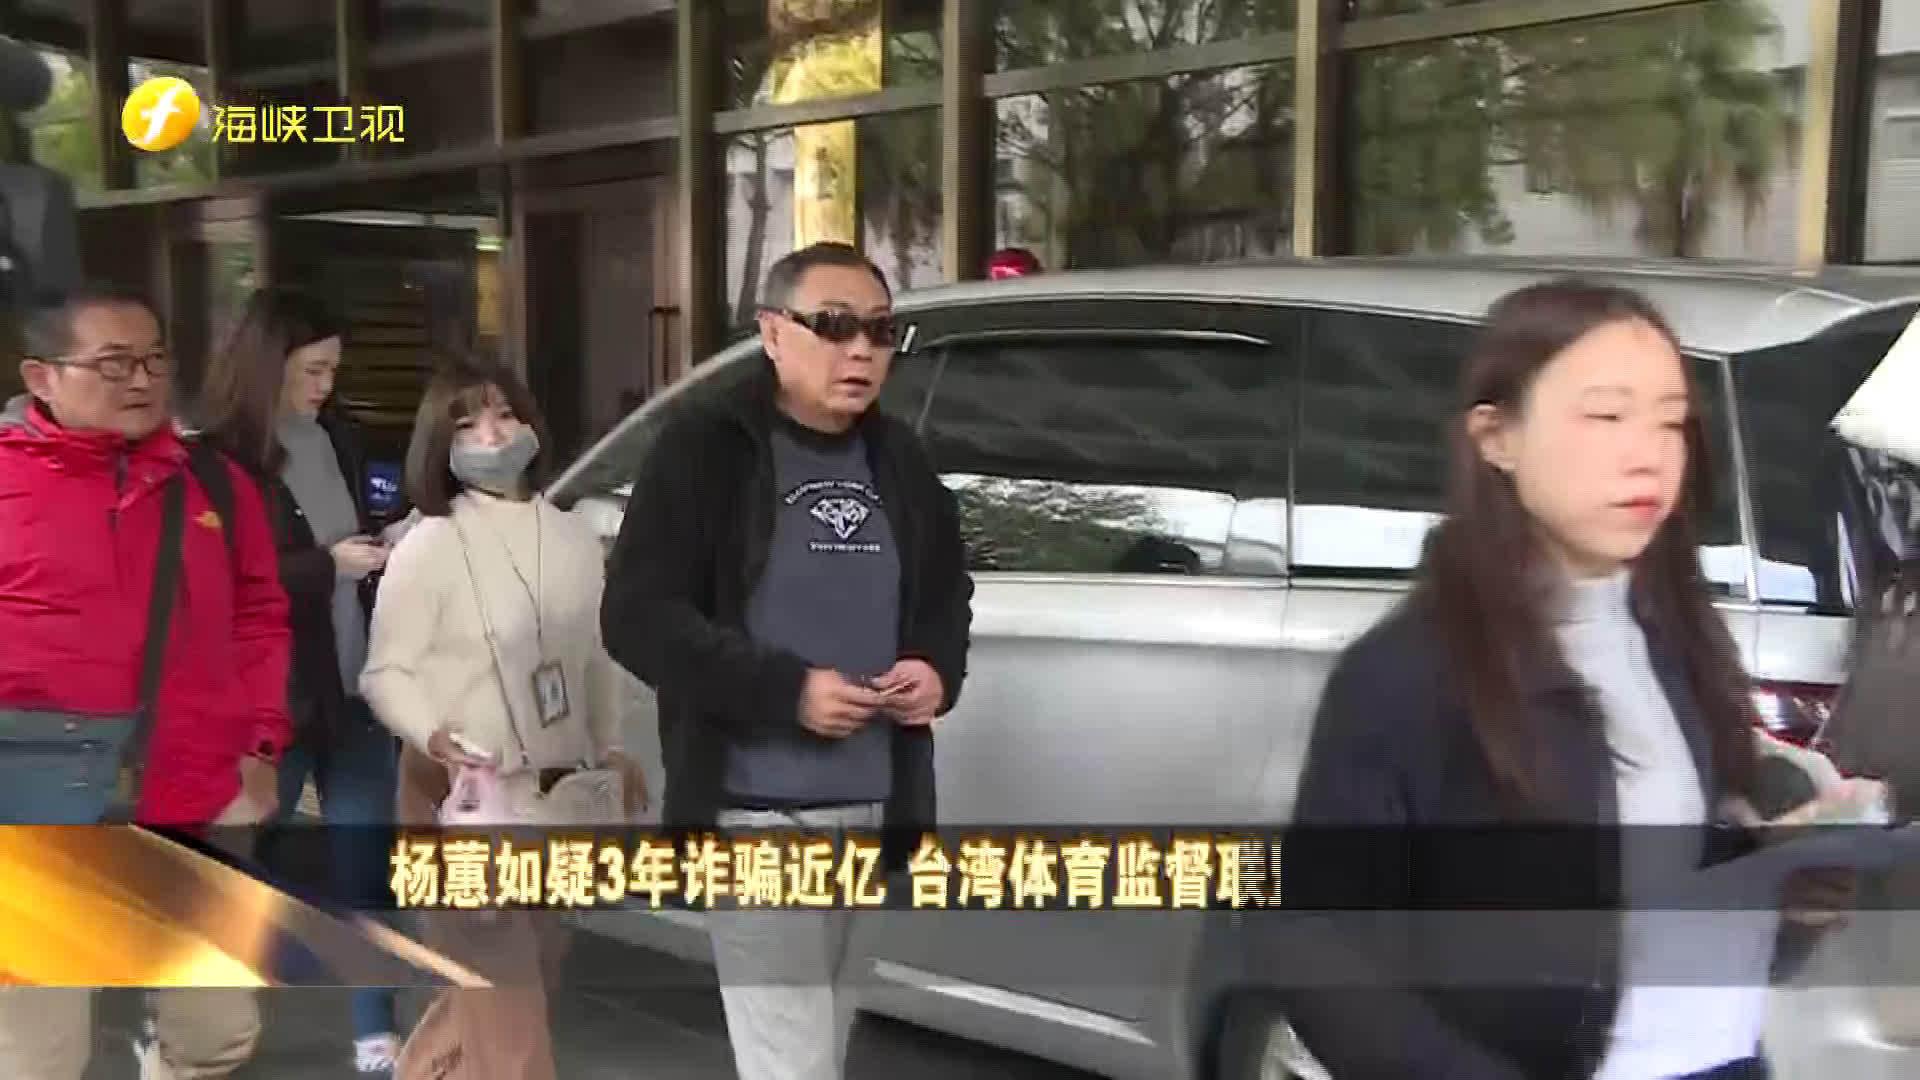 海峡焦点 | 杨蕙如疑3年诈骗近亿 台湾体育监督联盟秘书长提告